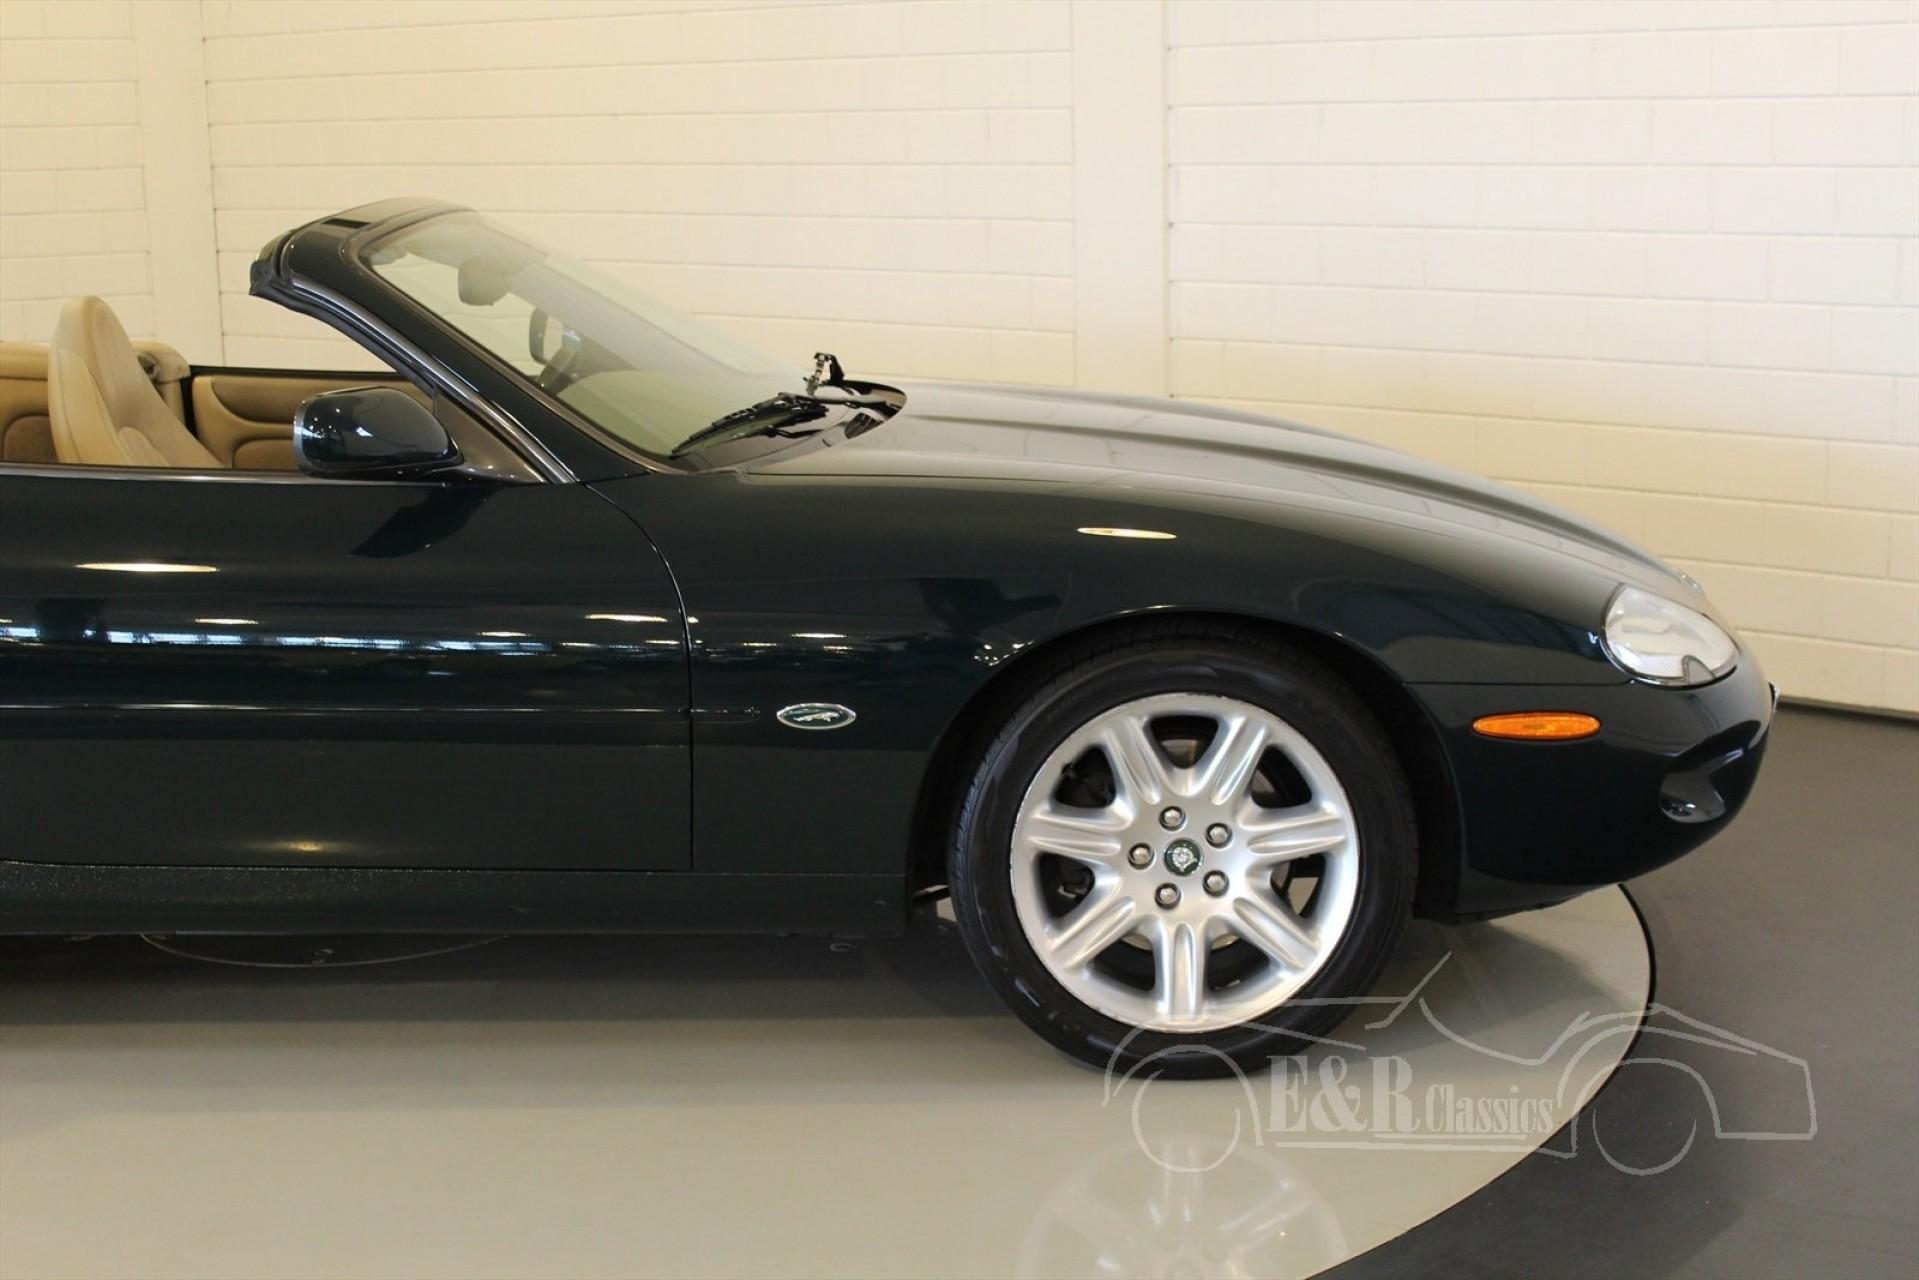 jaguar xk8 cabriolet 2000 vendre erclassics. Black Bedroom Furniture Sets. Home Design Ideas